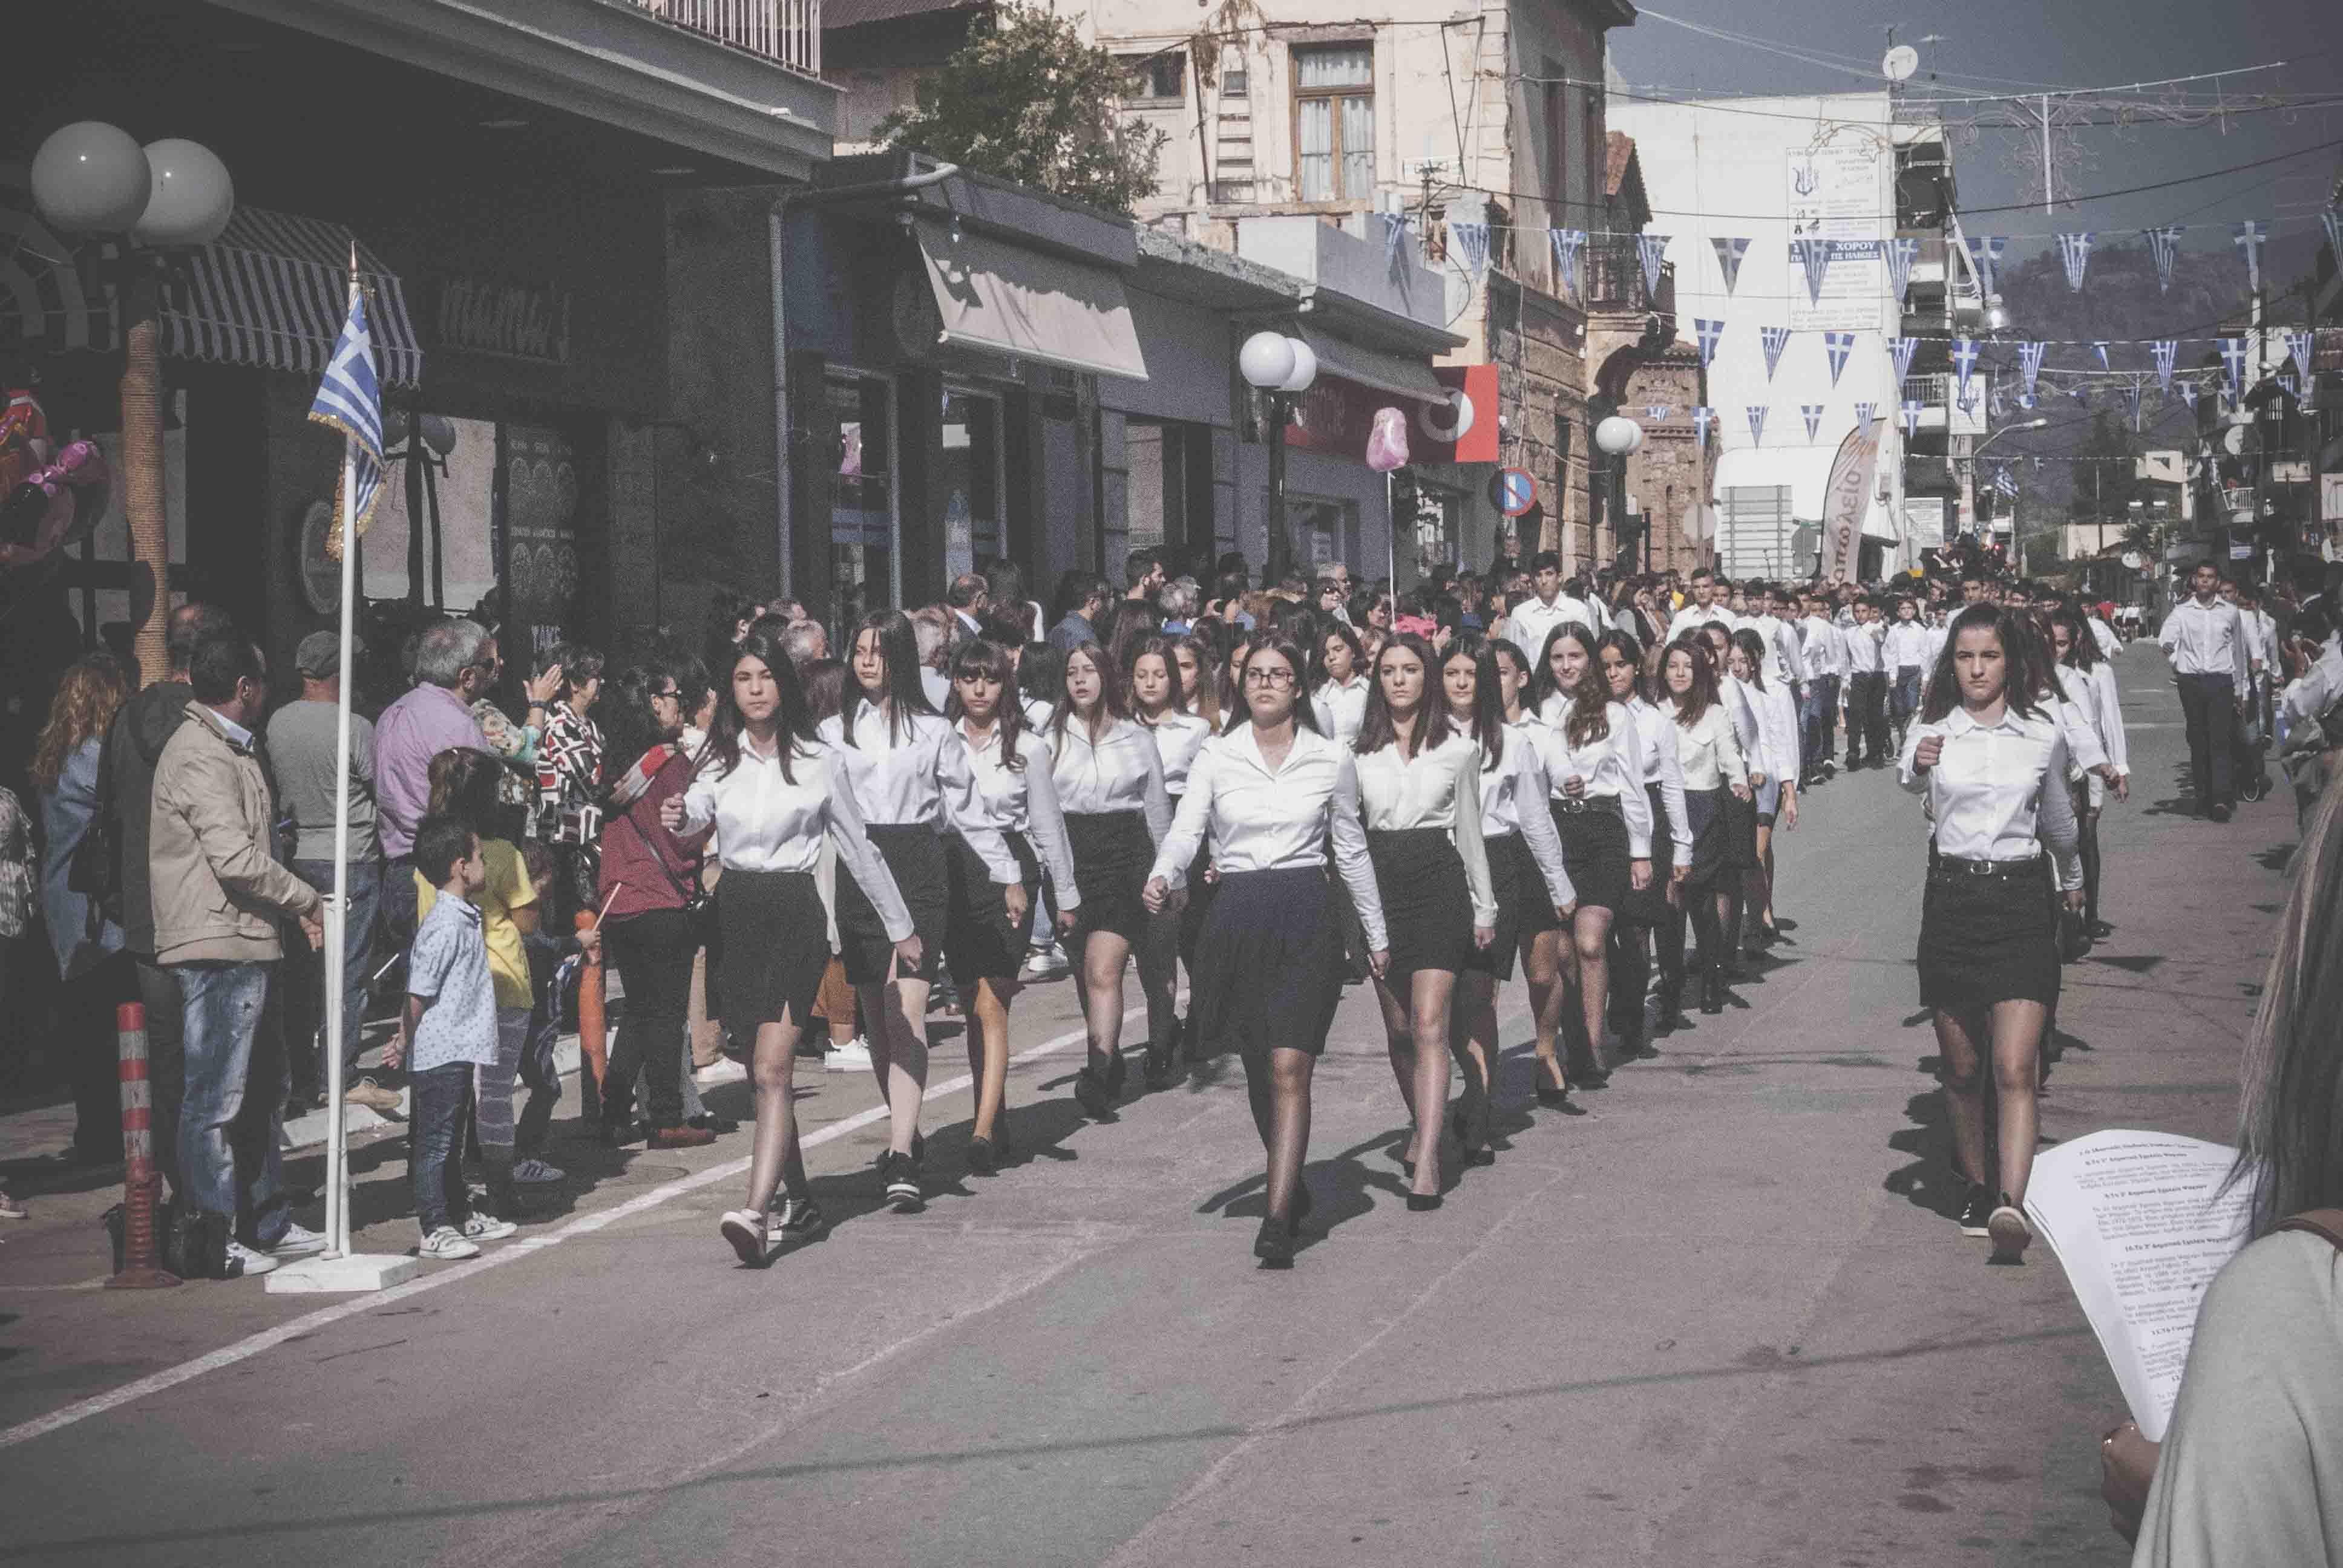 Φωτογραφικό υλικό από την παρέλαση στα Ψαχνά DSC 0393  Η παρέλαση της 28ης Οκτωβρίου σε Καστέλλα και Ψαχνά (φωτό) DSC 0393